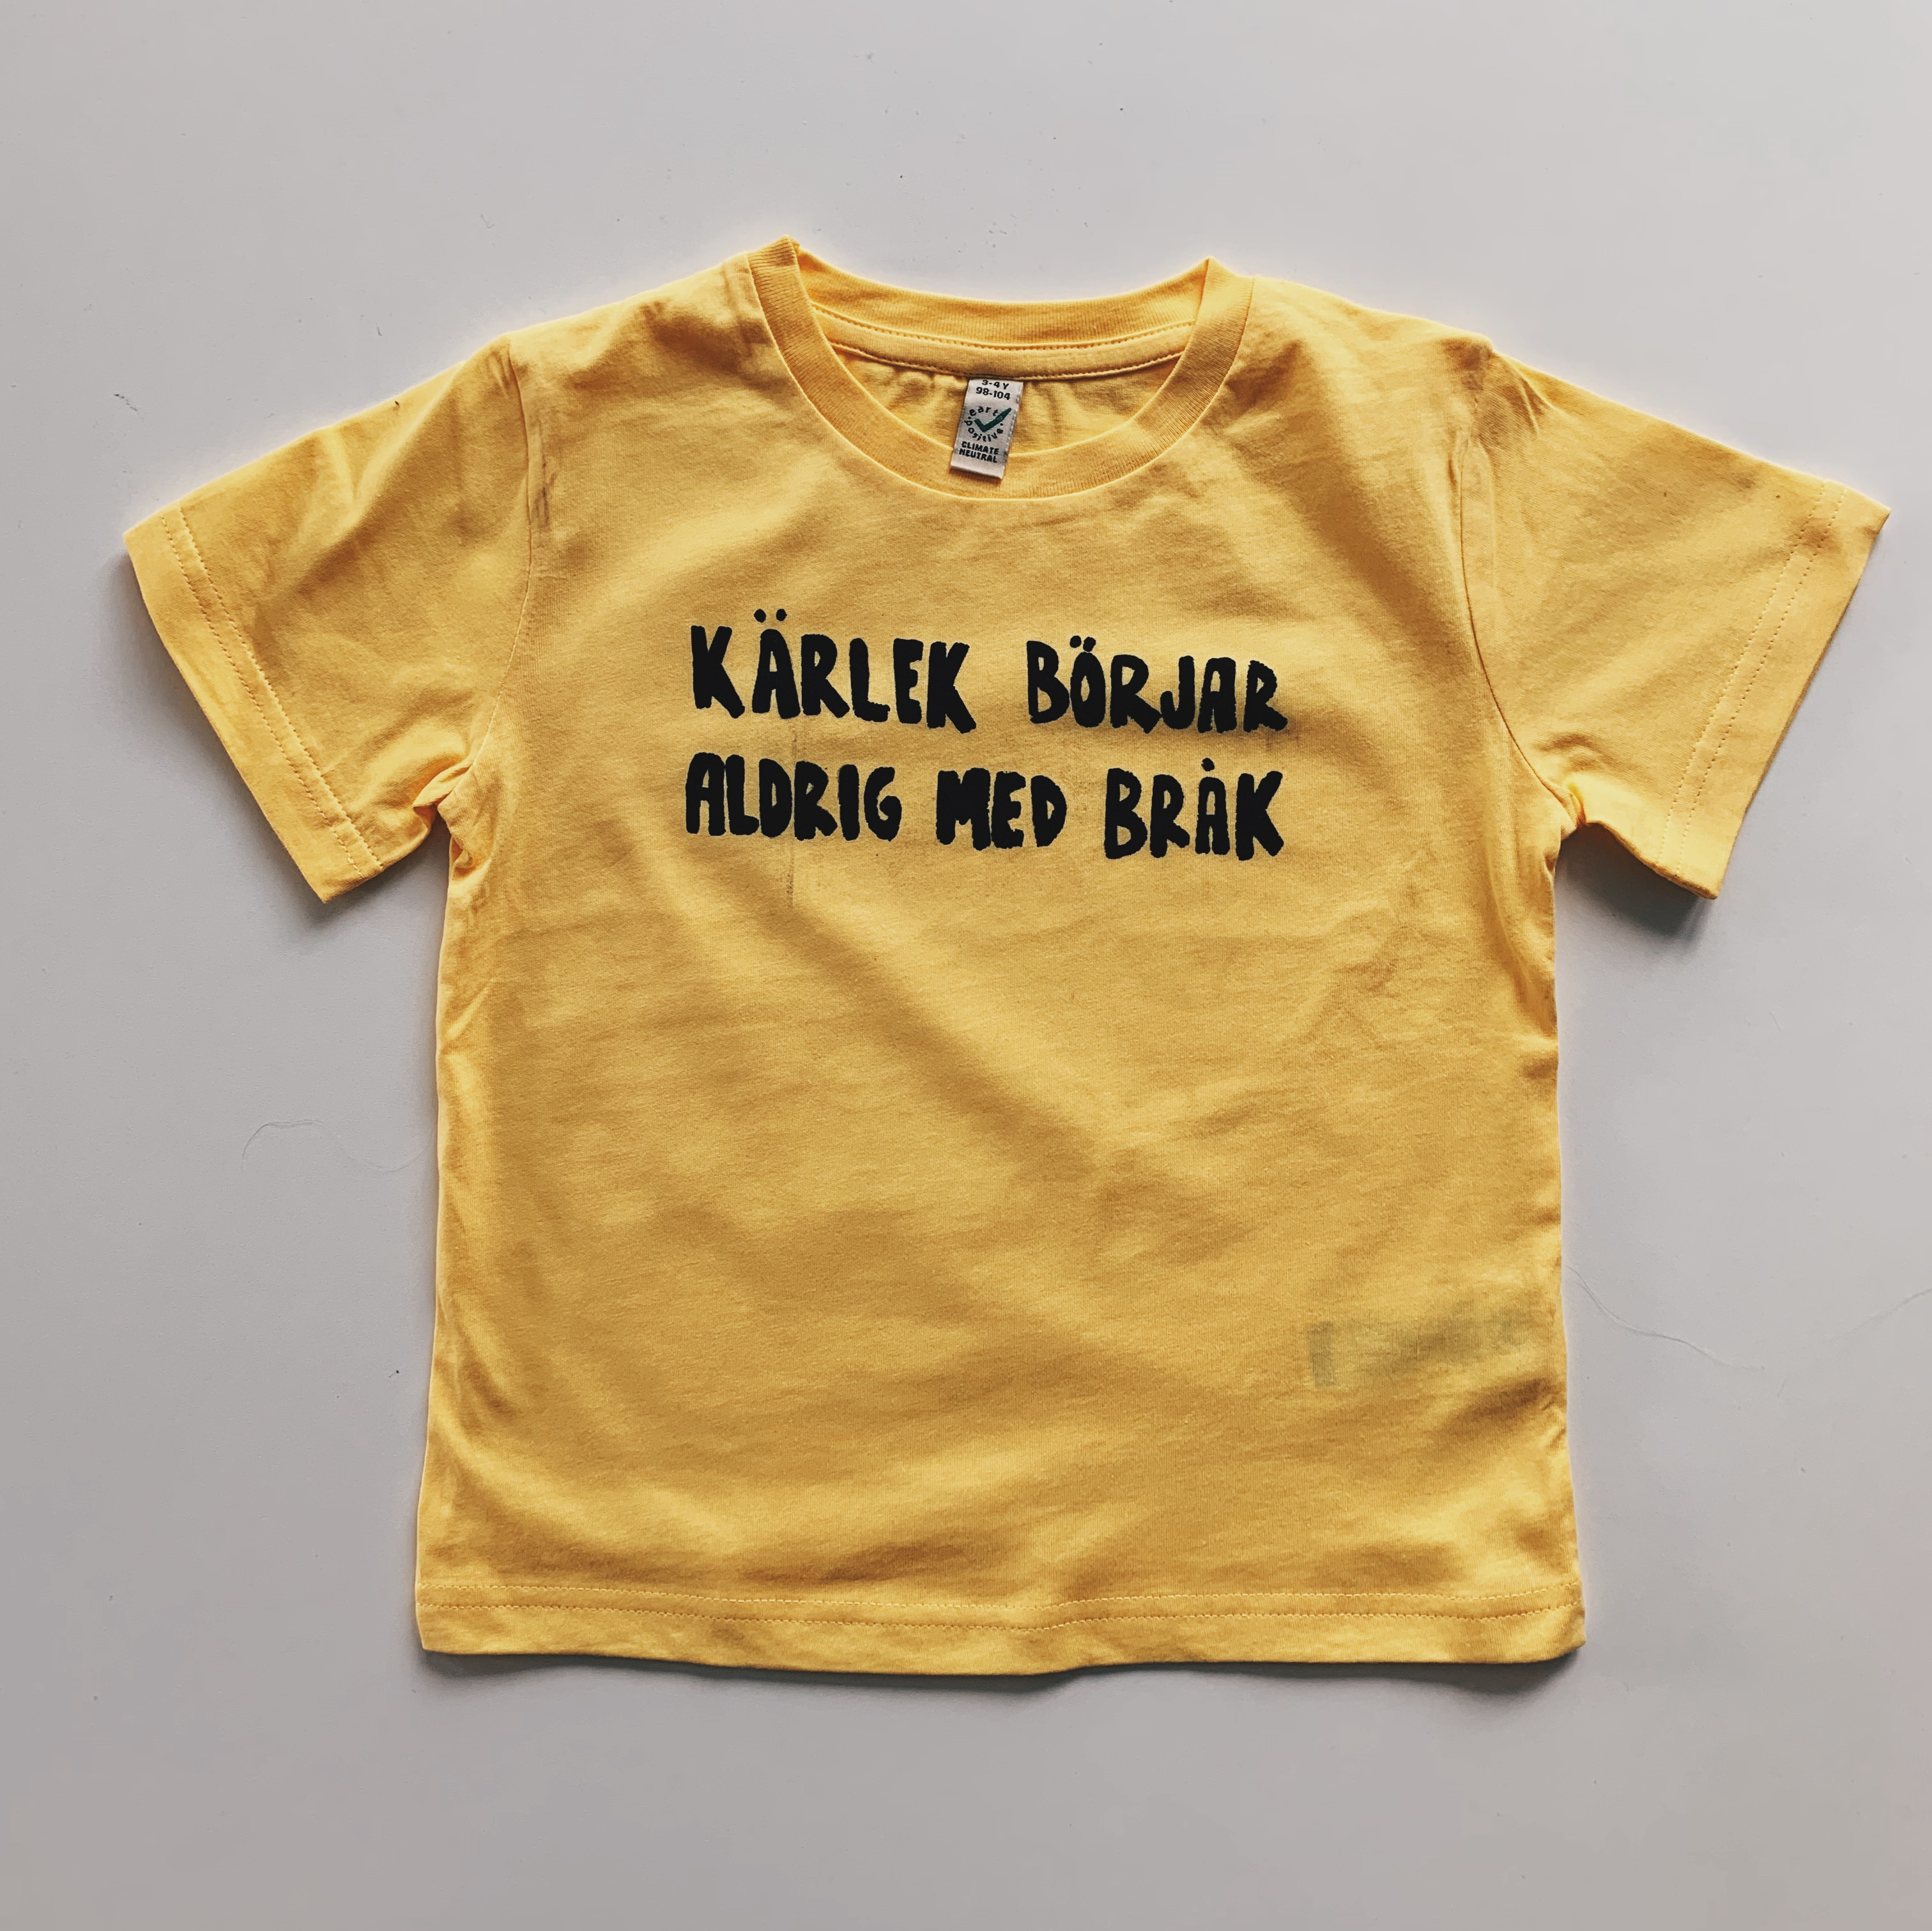 Gul T-shirt i barnstorlek - Kärlek börjar aldrig med bråk